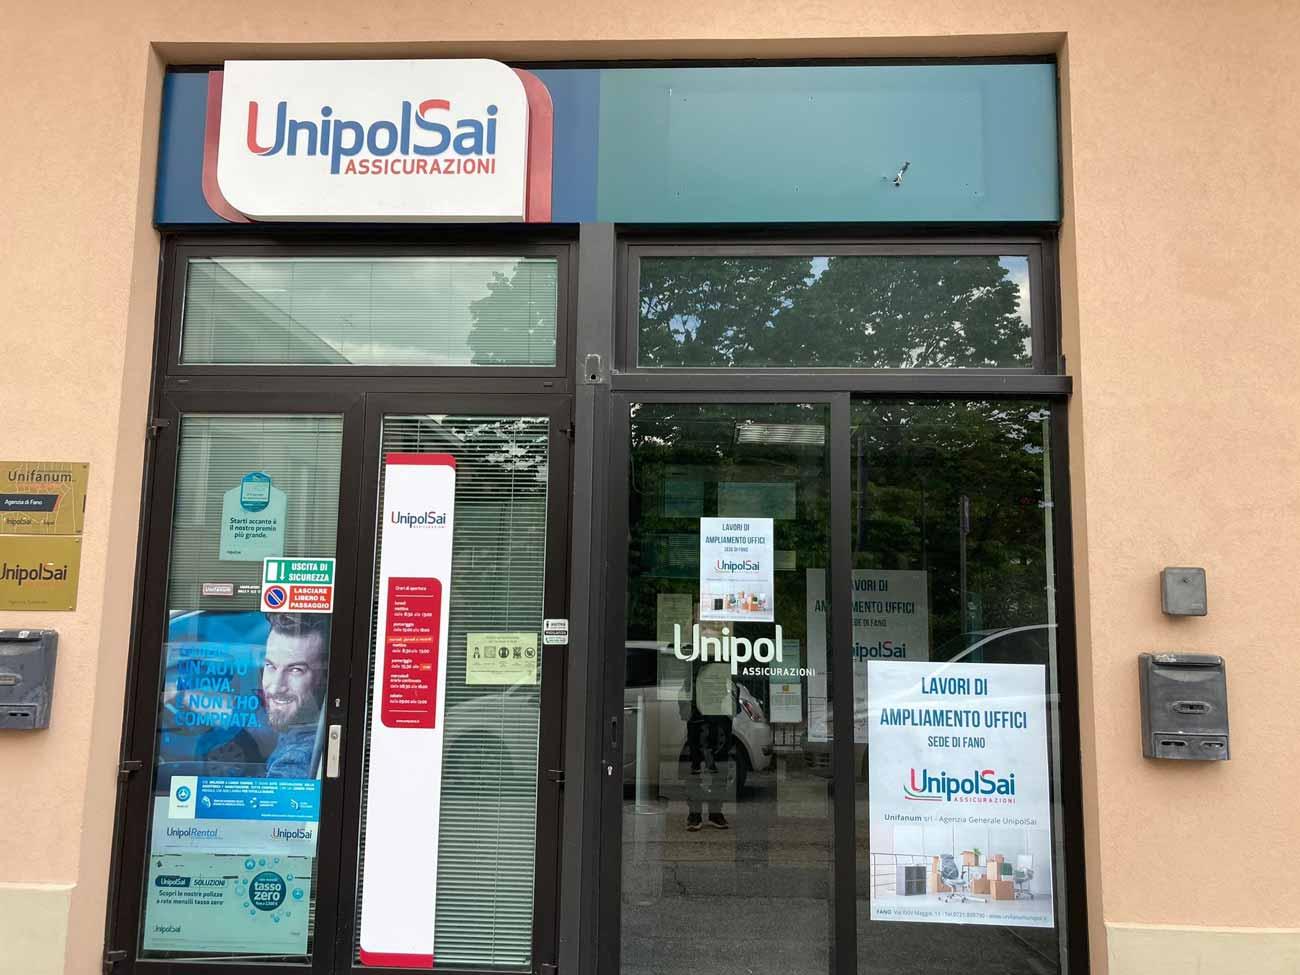 Sede di Fano - Unifanum Agenzia UnipolSai - Lavori di ampliamento